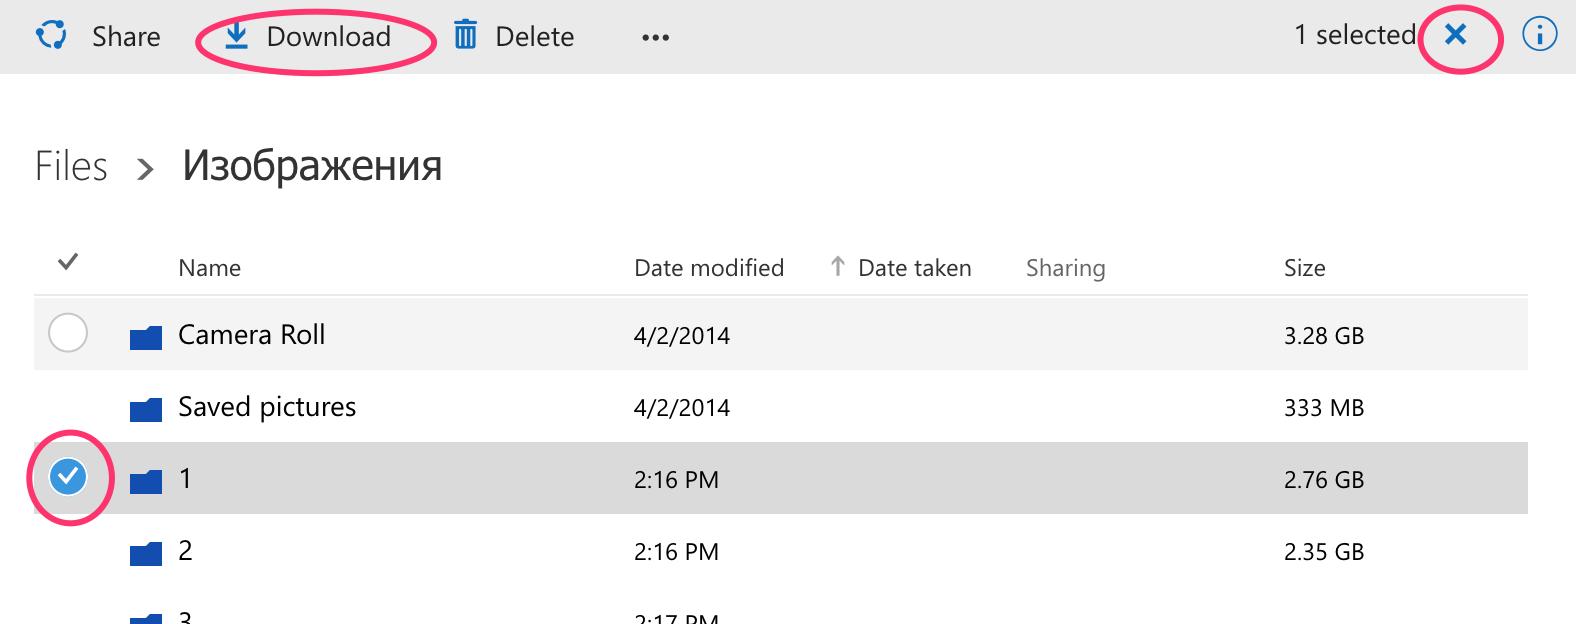 скачать файлы с onedrive